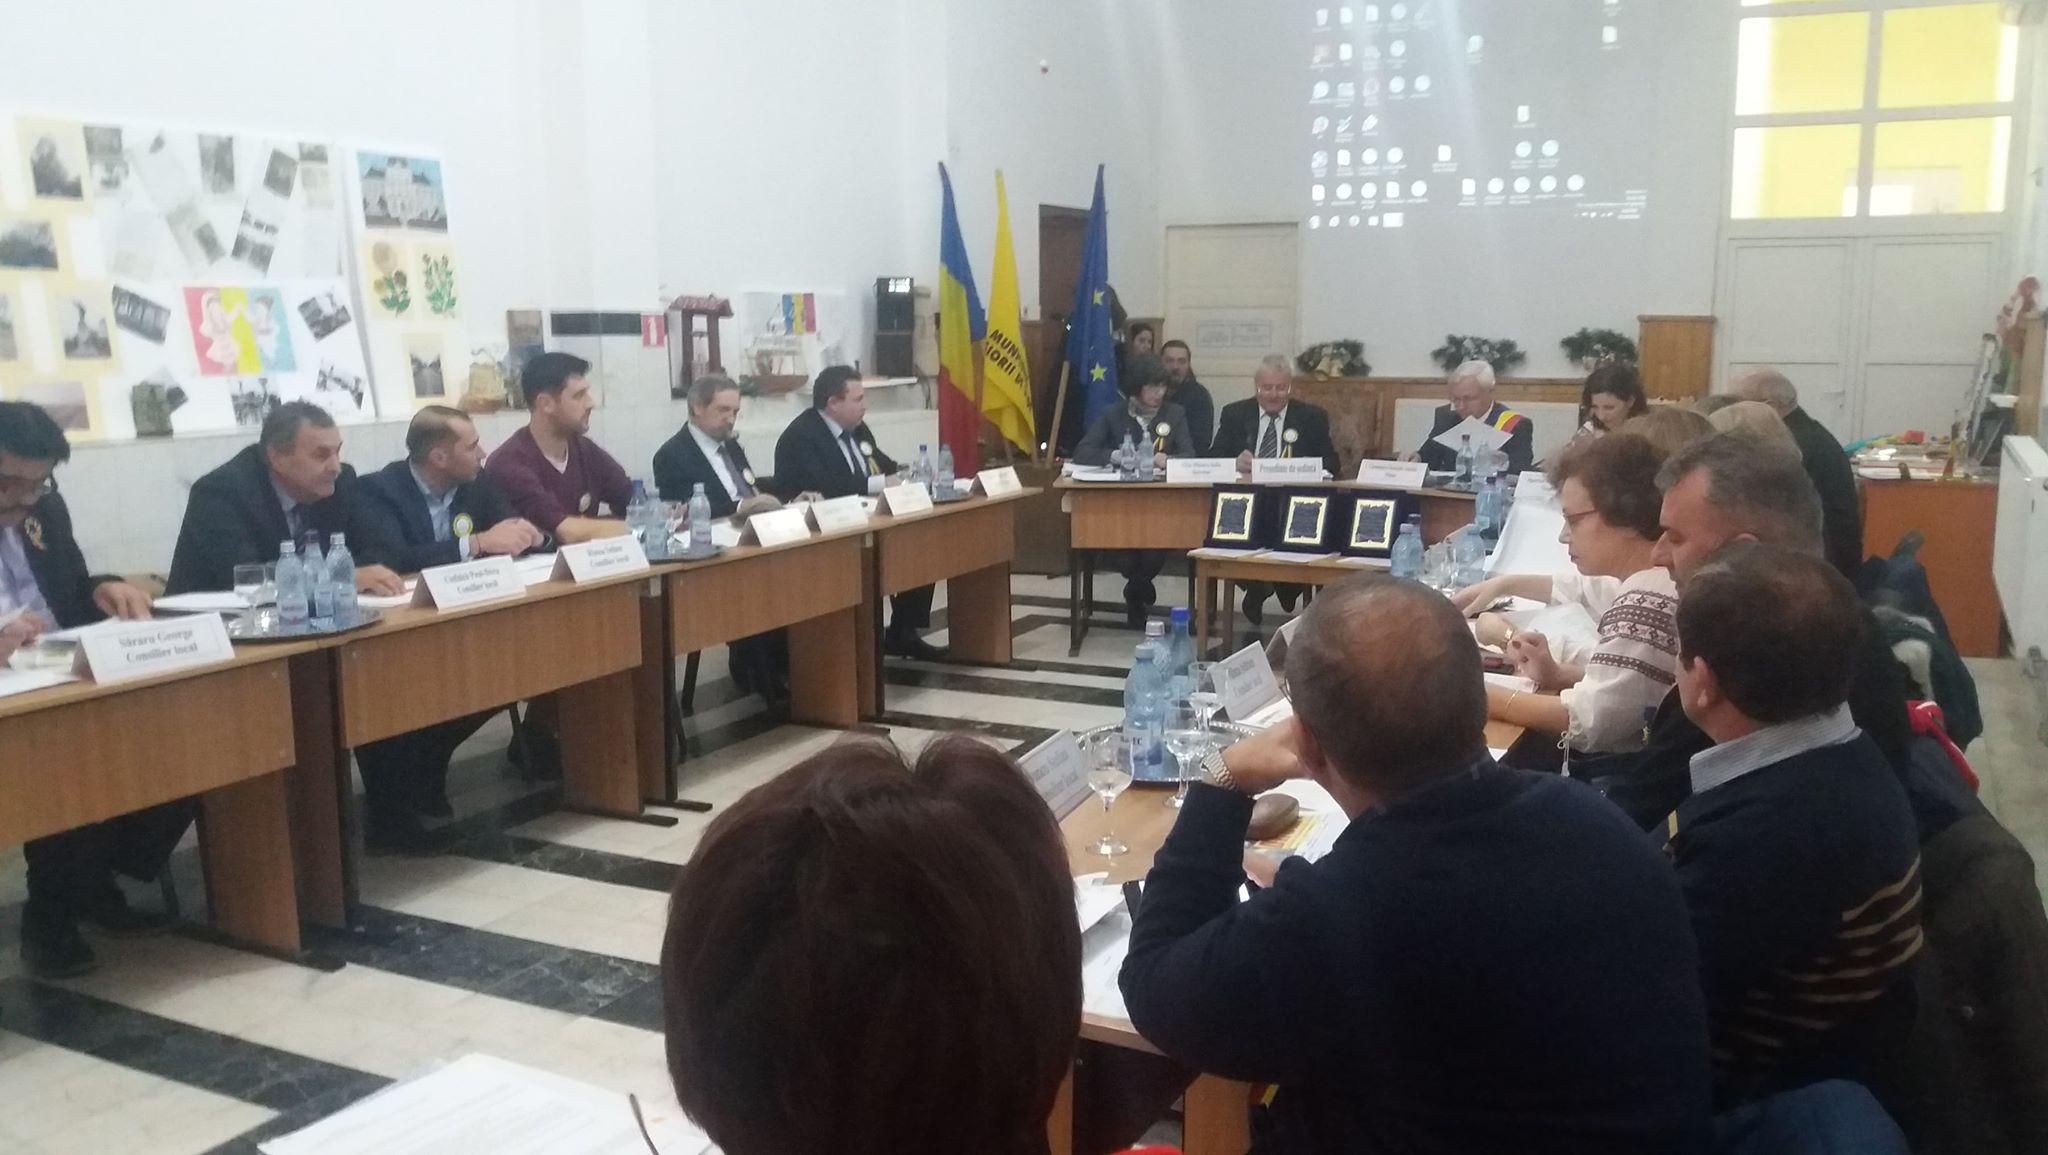 """Radu Marin, fost consilier local şi """"patron"""" al fabricii de pâine din Roşiori, declarat incompatibil. Politicianul a semnat contracte cu primăria în valoare de 7 miliarde de lei vechi"""